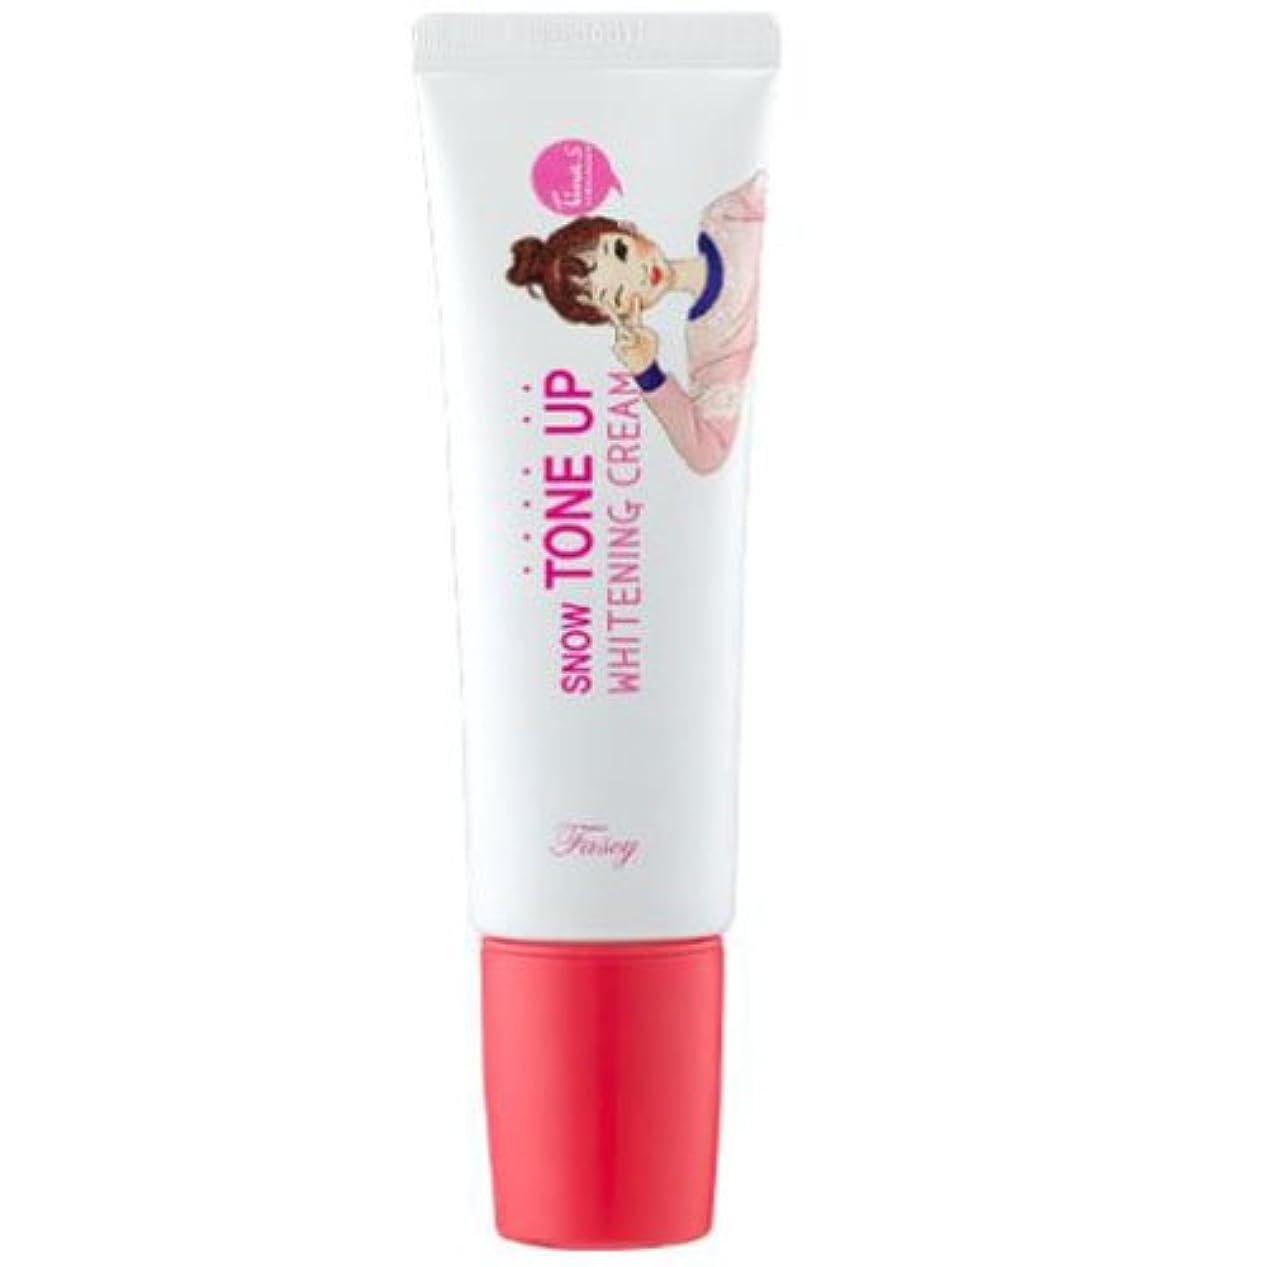 旅客ホールリーダーシップ【fascyトーンアップ】fascy Tone up効果 ミルク光肌/肌の色アップ 韓国化粧品